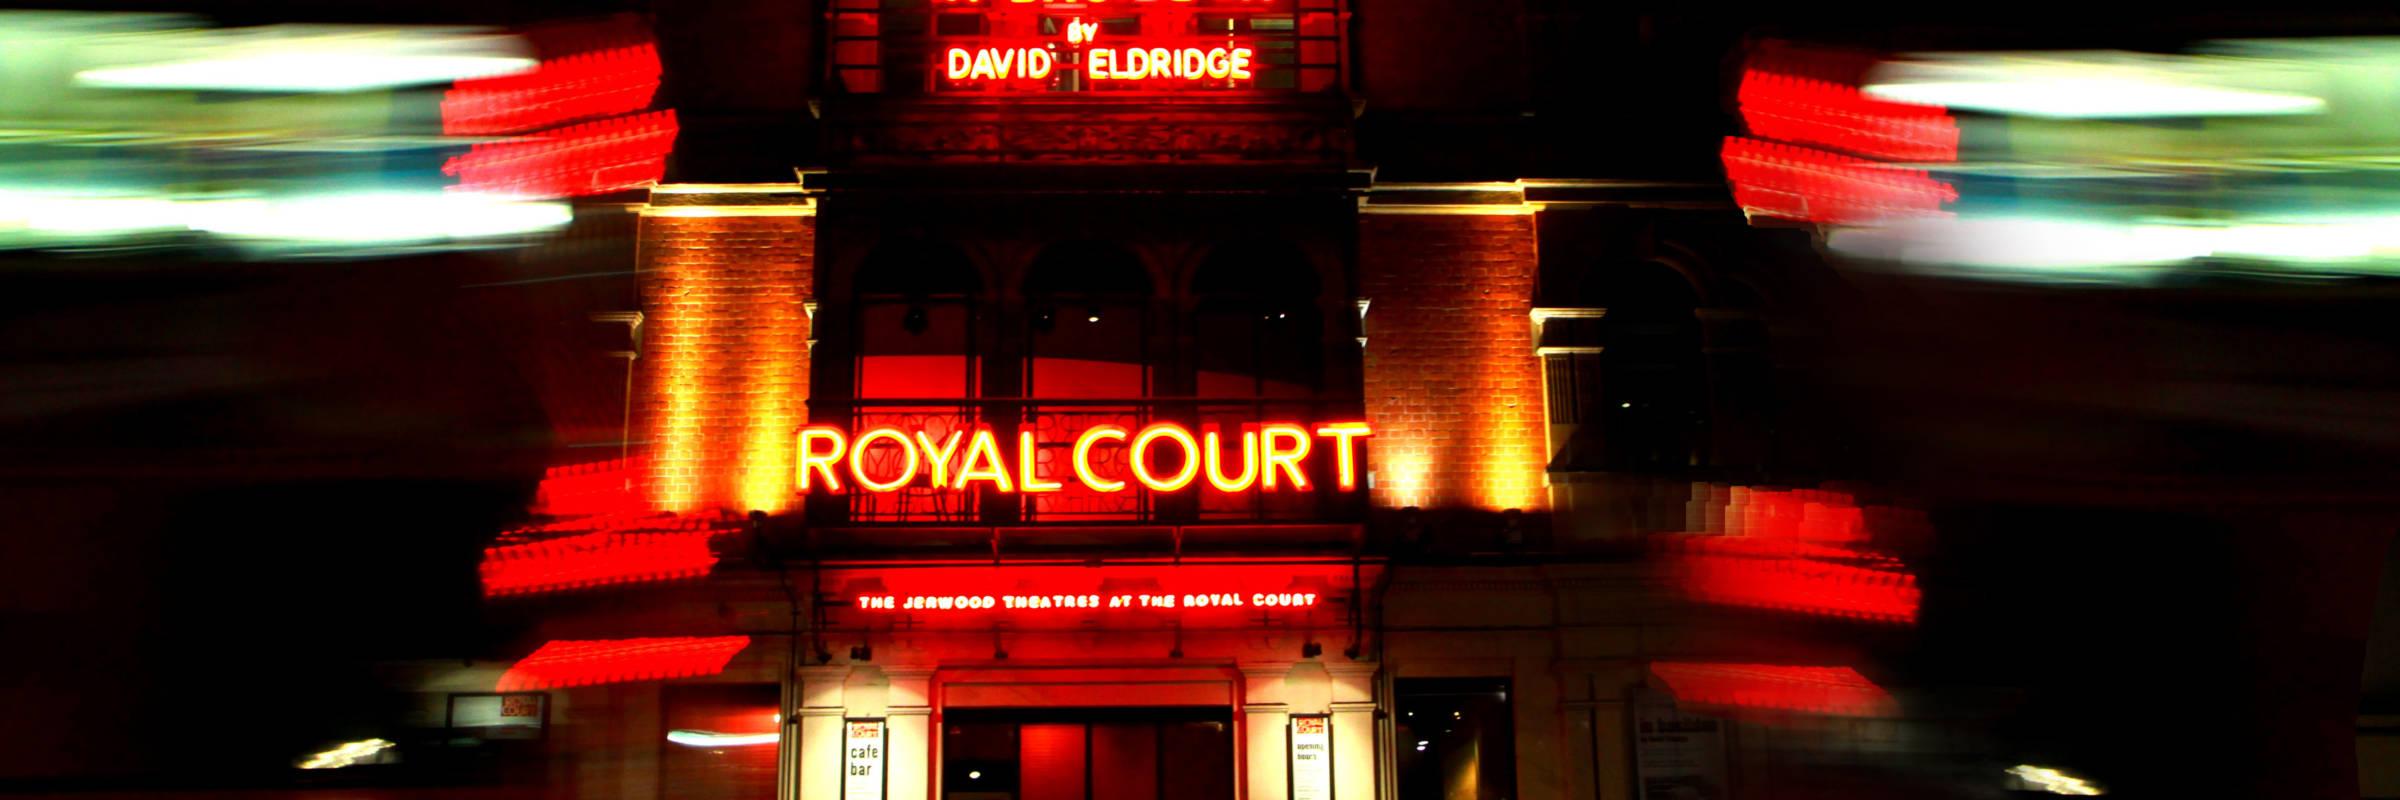 Royal Court Theatre- Sep 2013 - Feb 2014 Season Announced - Royal Court